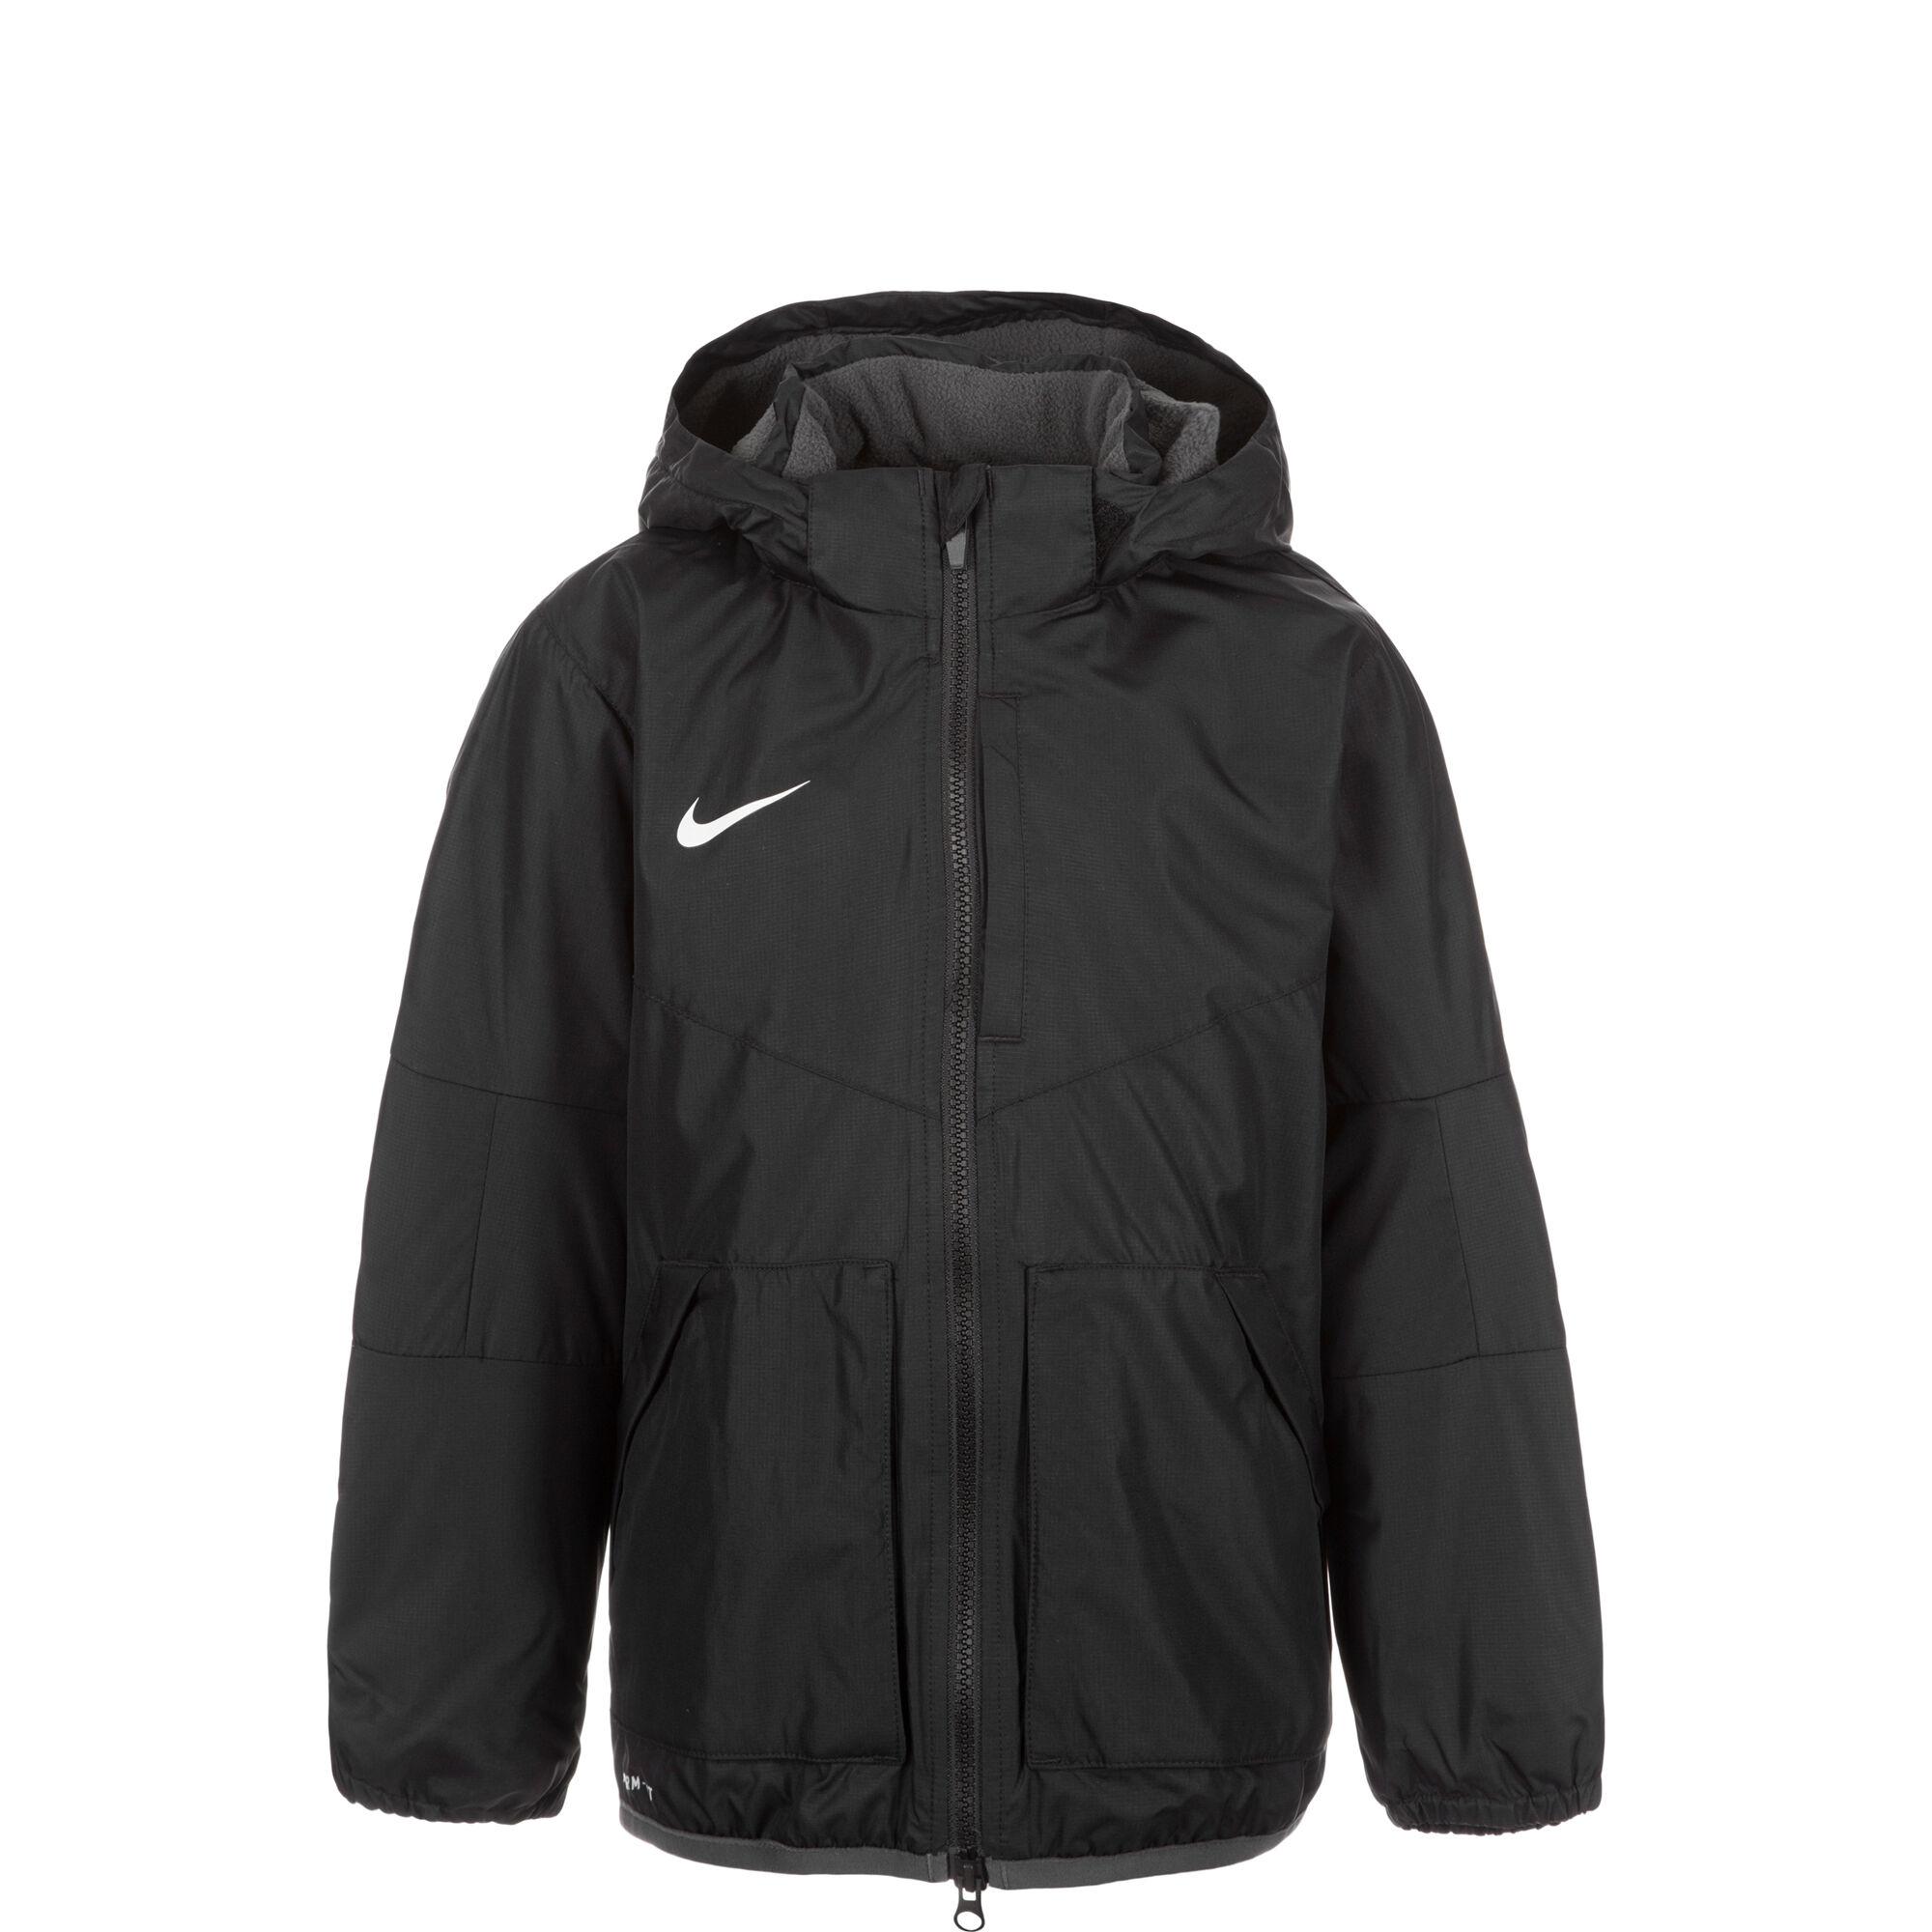 SALE: Nike Performance Versandkostenfrei ab 30€ ✓ Kauf auf Rechnung ...